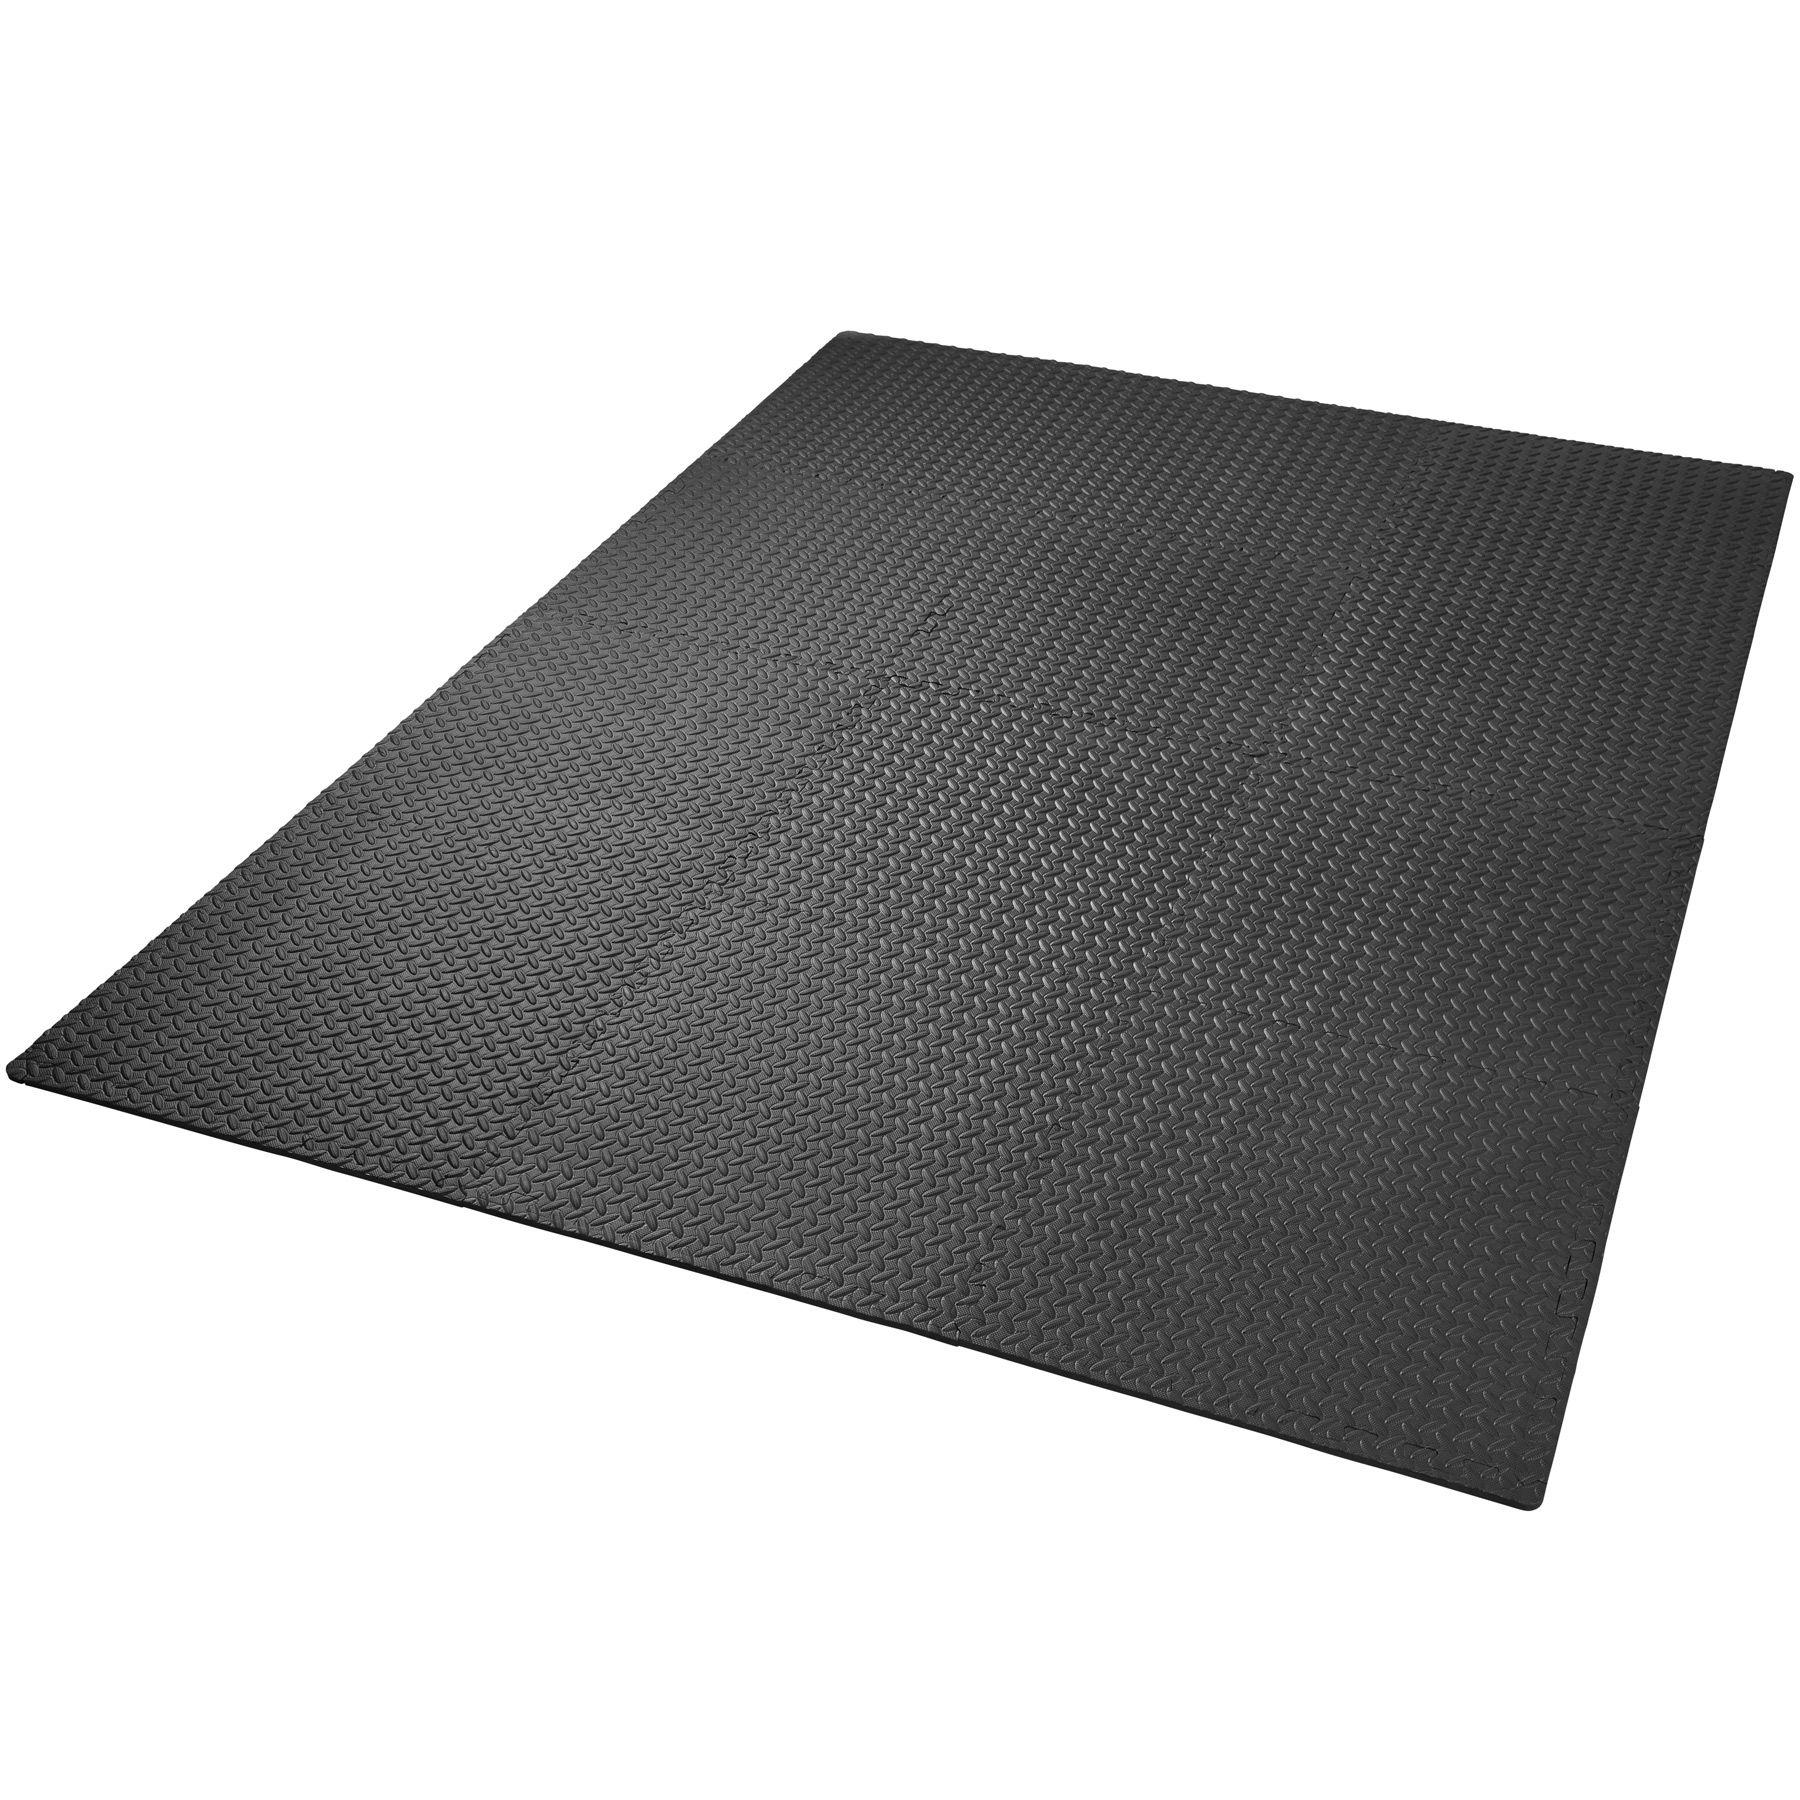 12x tapis mousse de sol ensemble tapis puzzle fitness. Black Bedroom Furniture Sets. Home Design Ideas